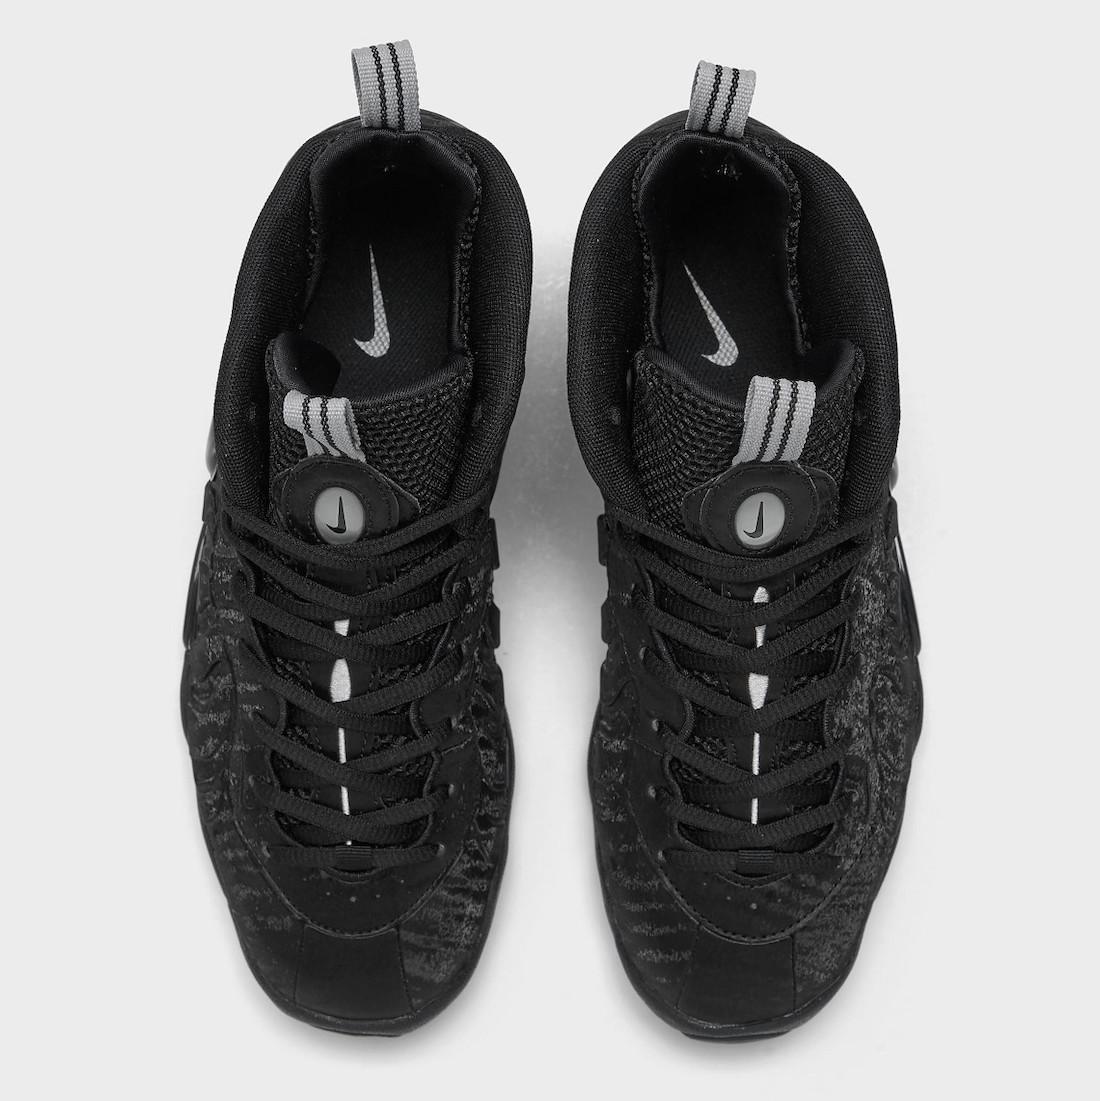 Nike Little Posite Pro Black Cat 644792-014 Release Date Info